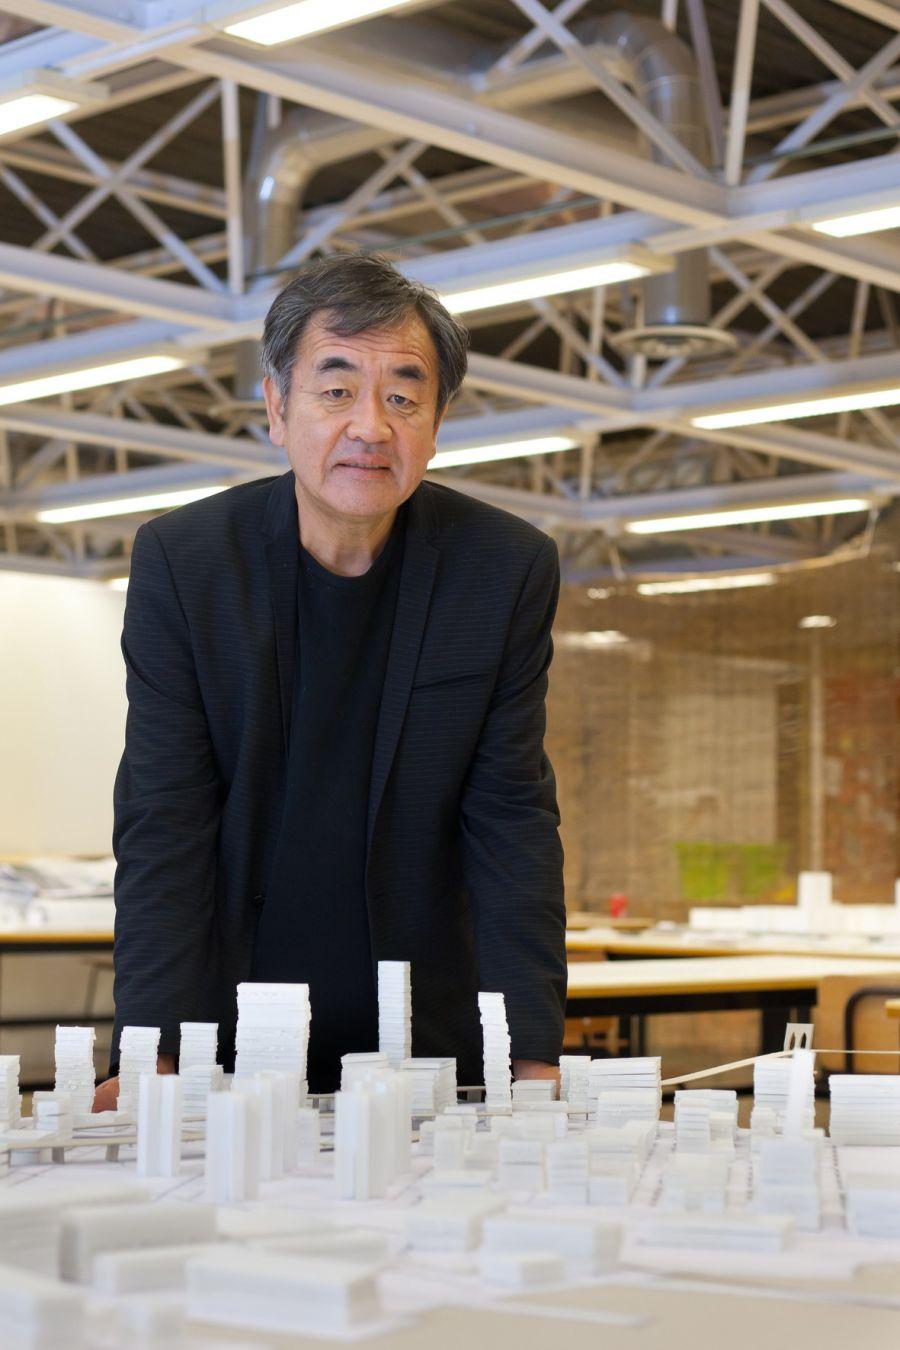 Más de 400 personas asistieron a la conferencia del arquitecto Kengo Kuma en la Universidad de Navarra